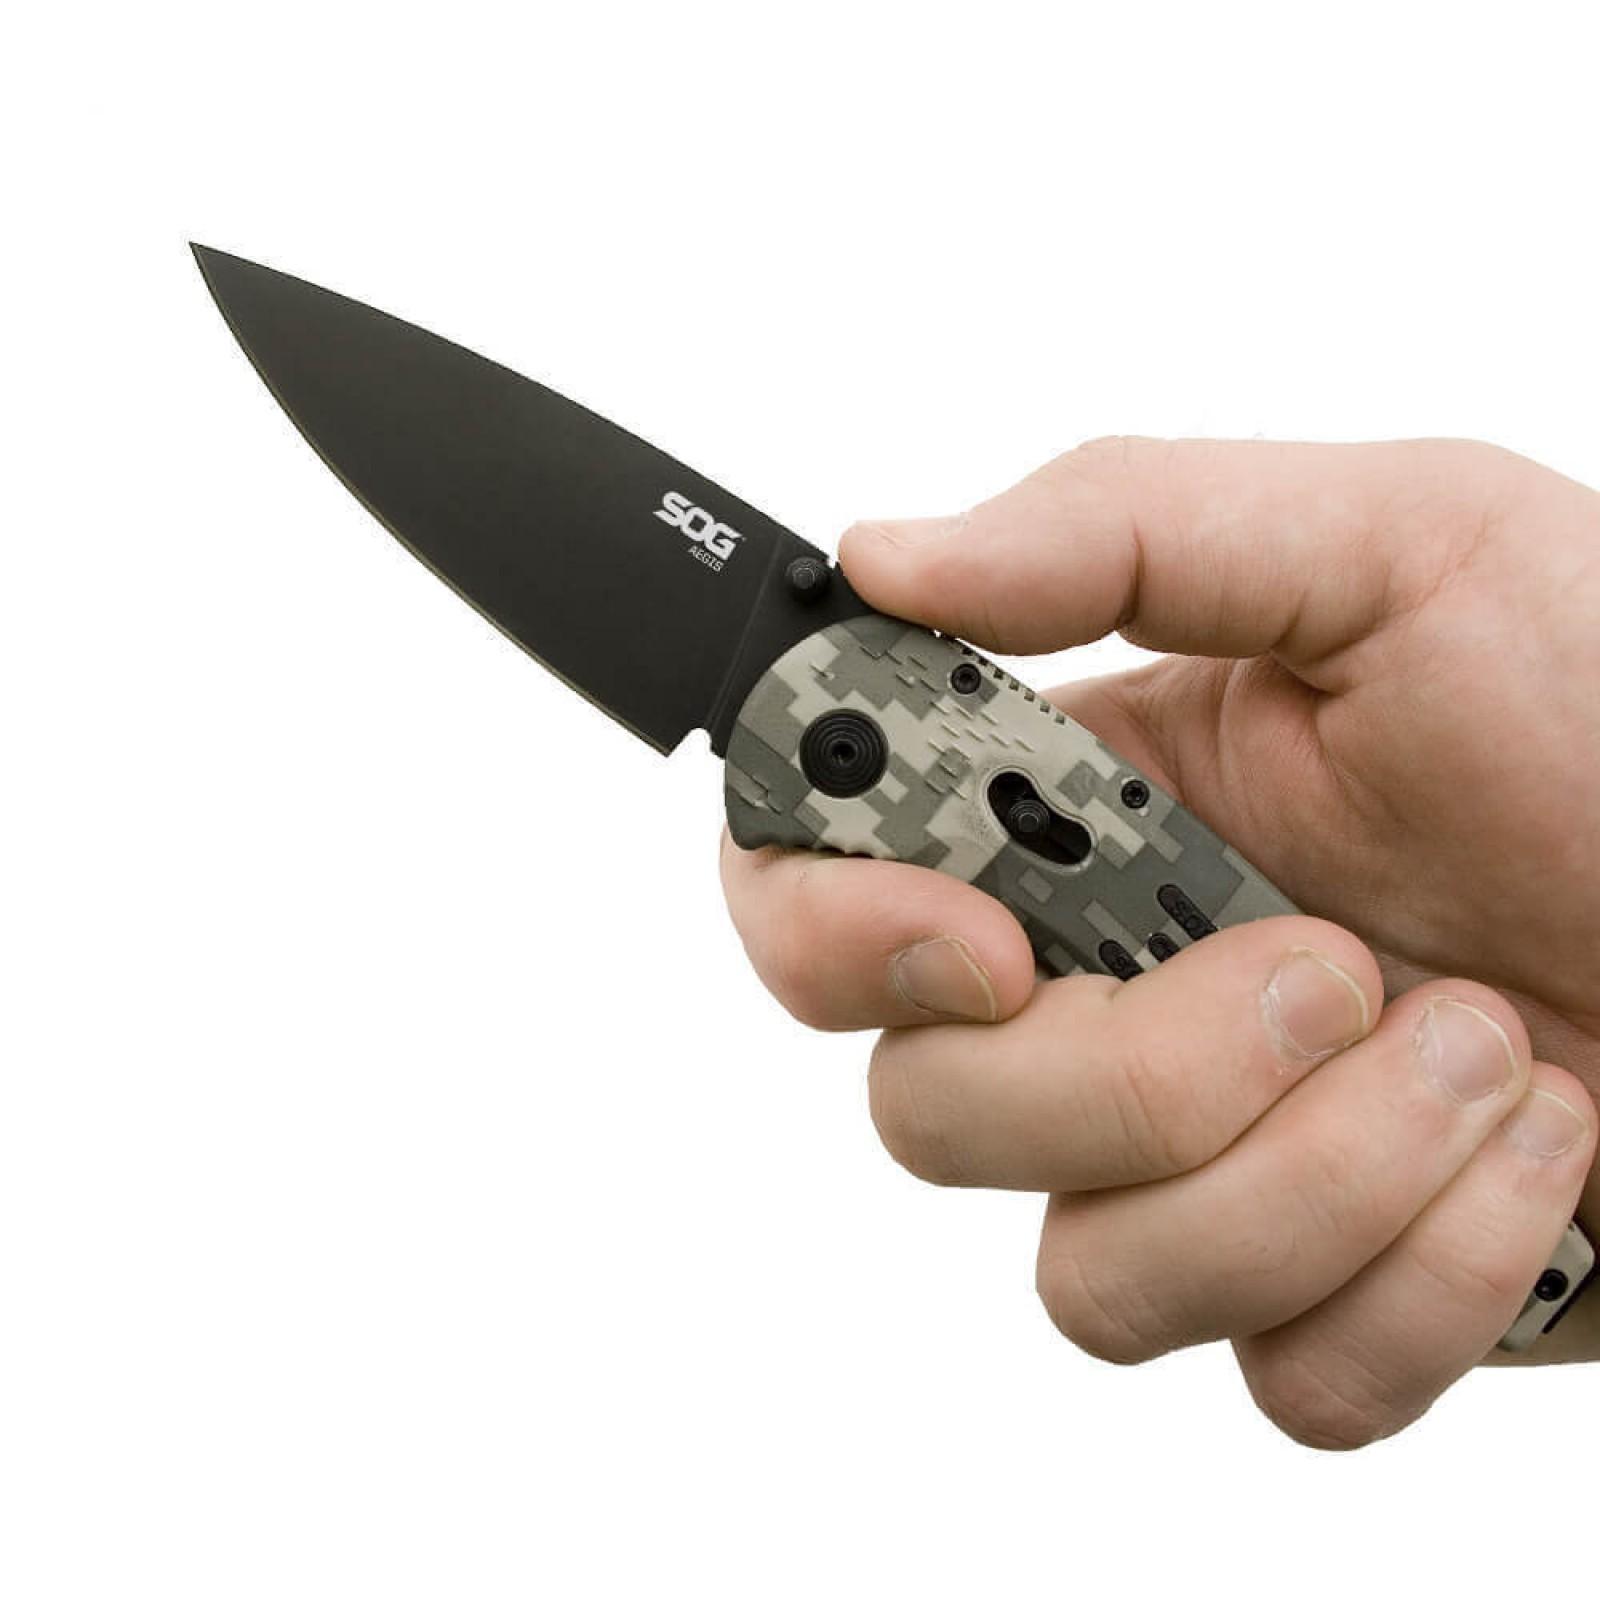 Фото 8 - Складной нож с фиксатором Aegis Digi Camo 8.9 см. - SOG AE06, сталь AUS-8, рукоять пластик GRN